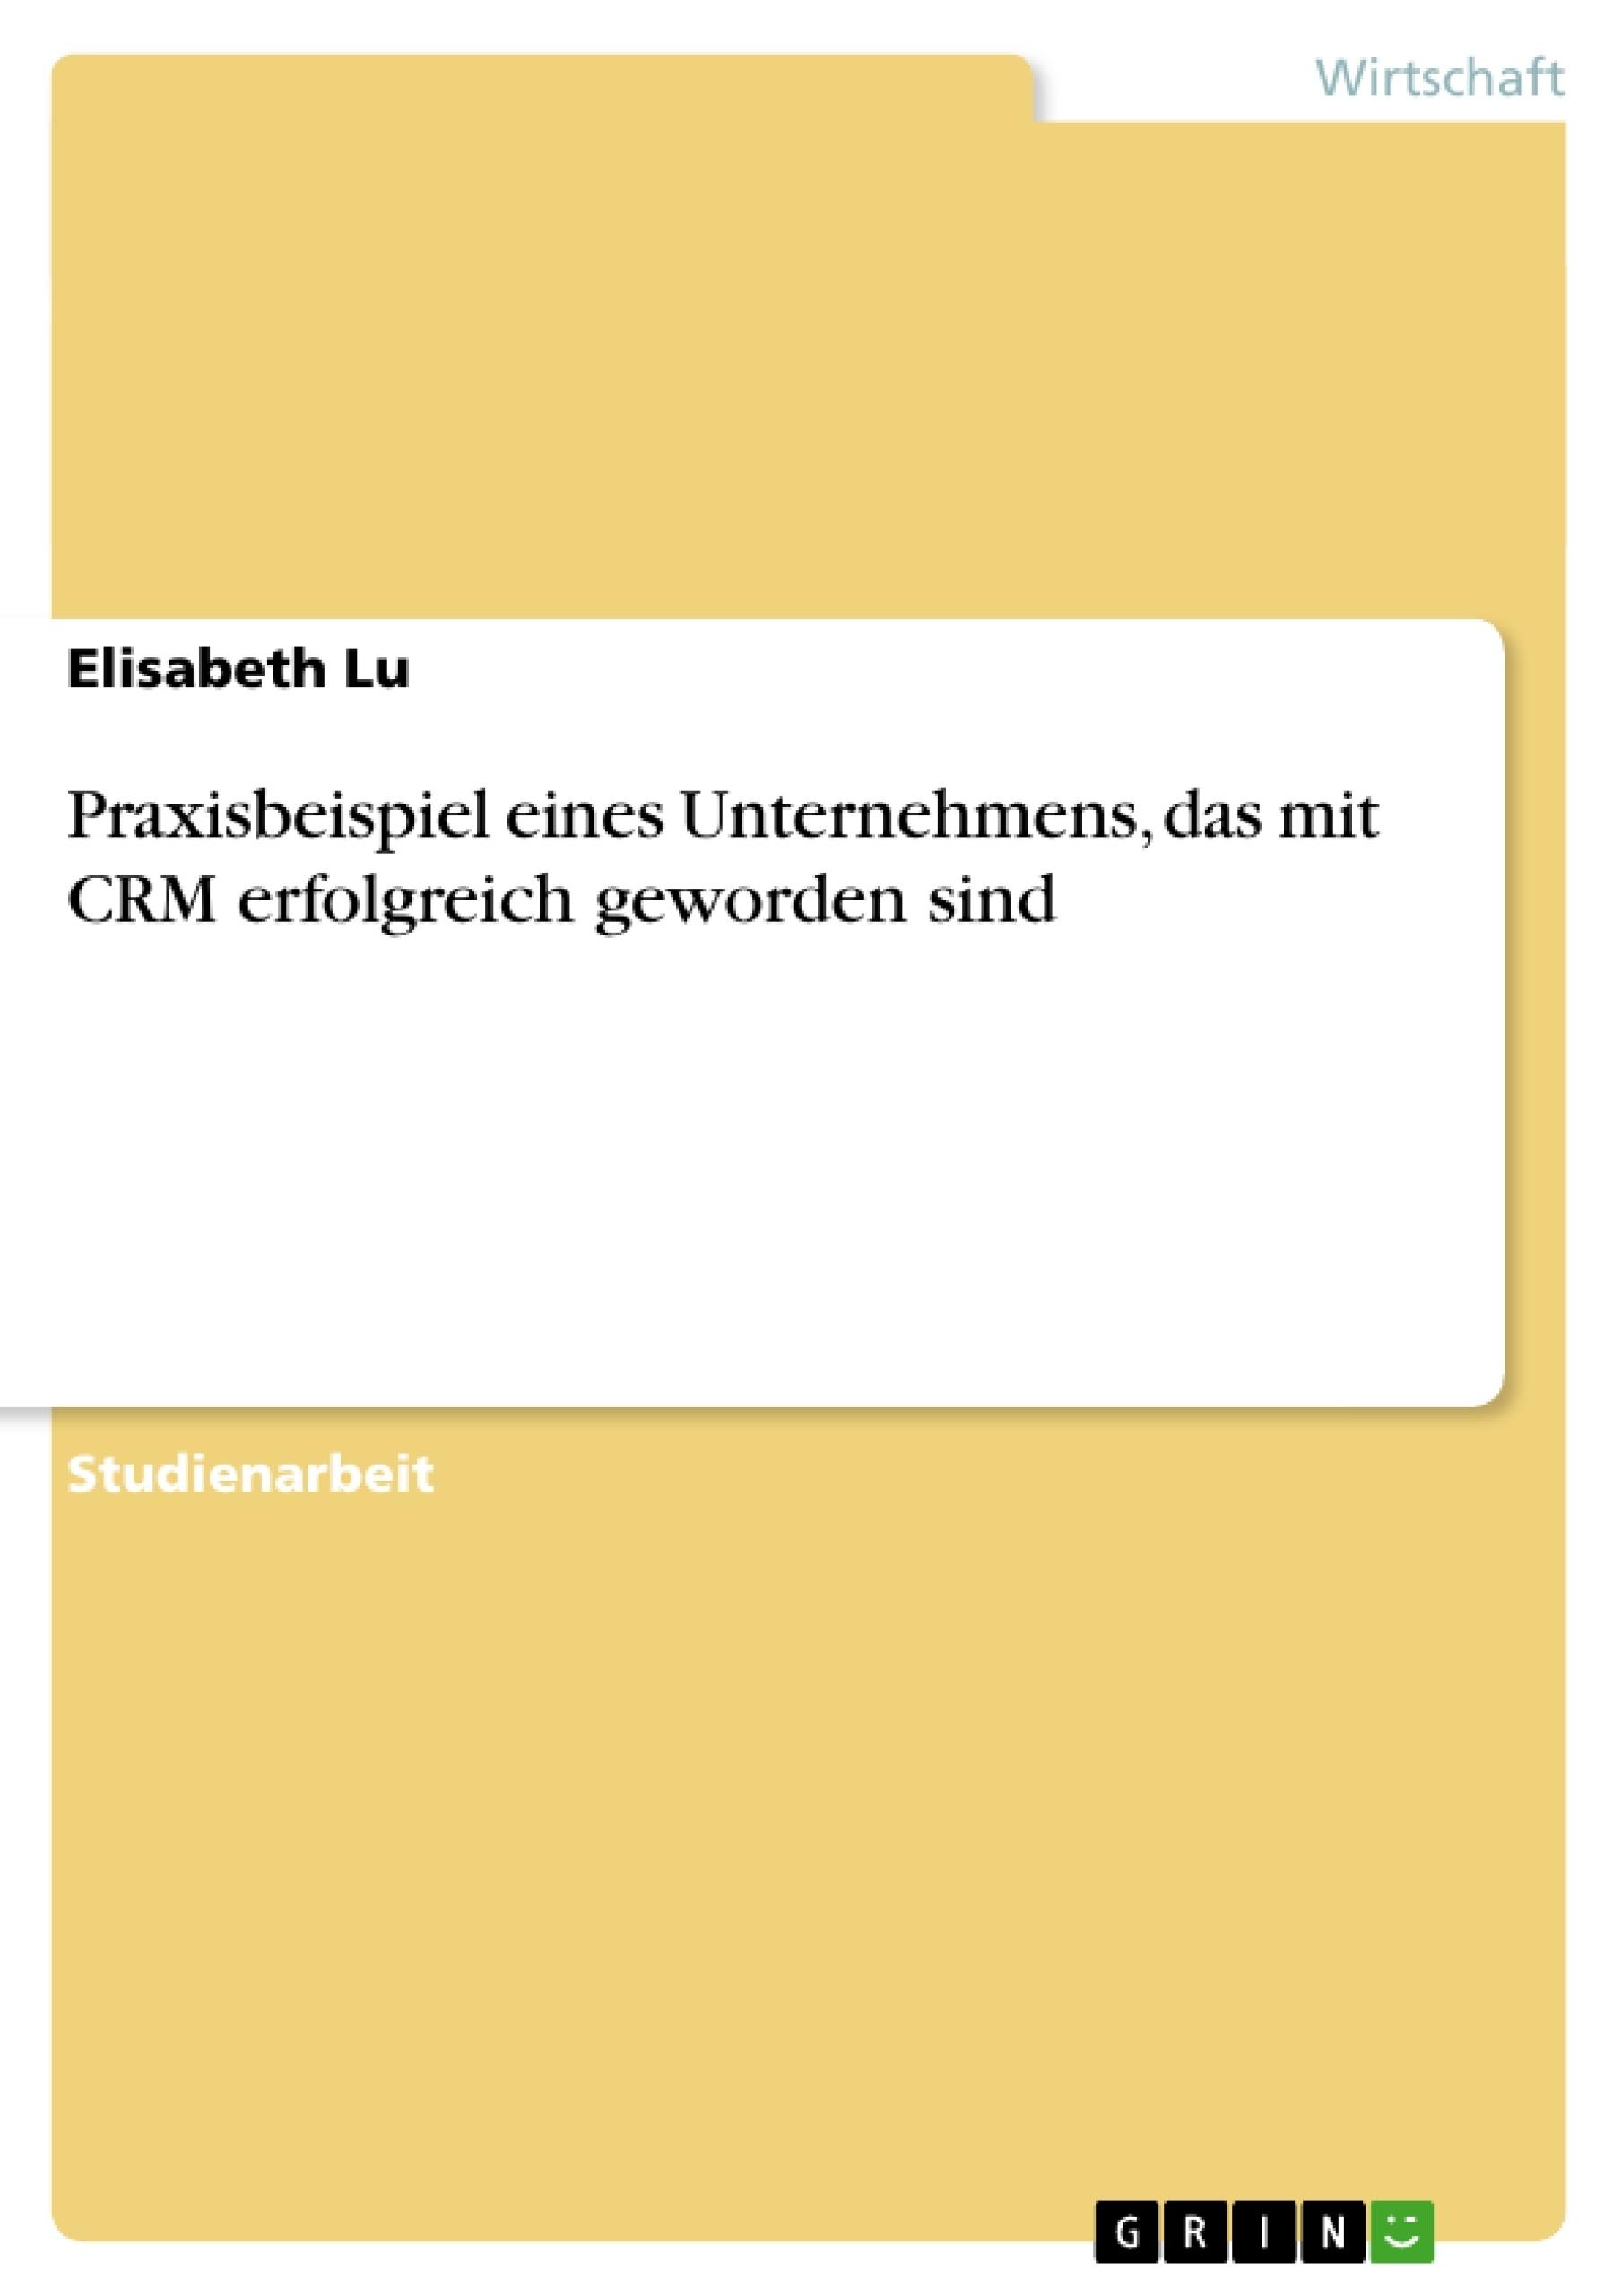 Titel: Praxisbeispiel eines Unternehmens, das mit CRM erfolgreich geworden sind